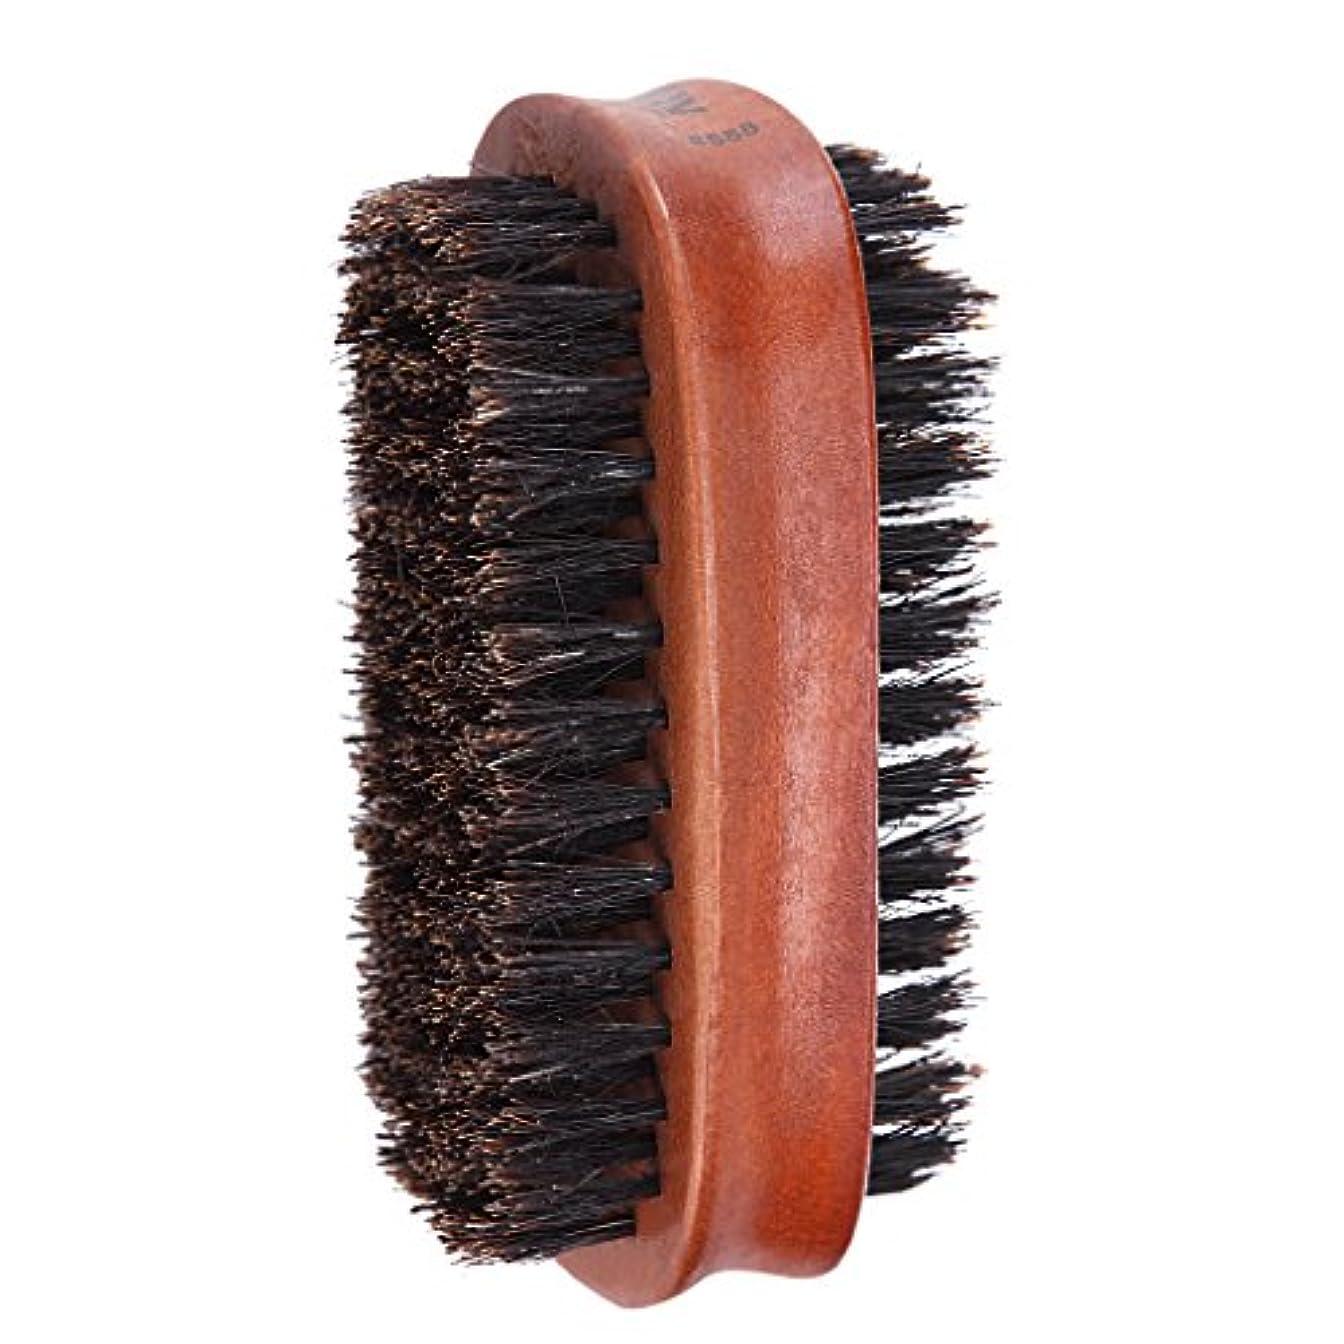 セミナー程度まどろみのあるCUTICATE 男性髪髭口ひげグルーミングブラシハード両面コーム